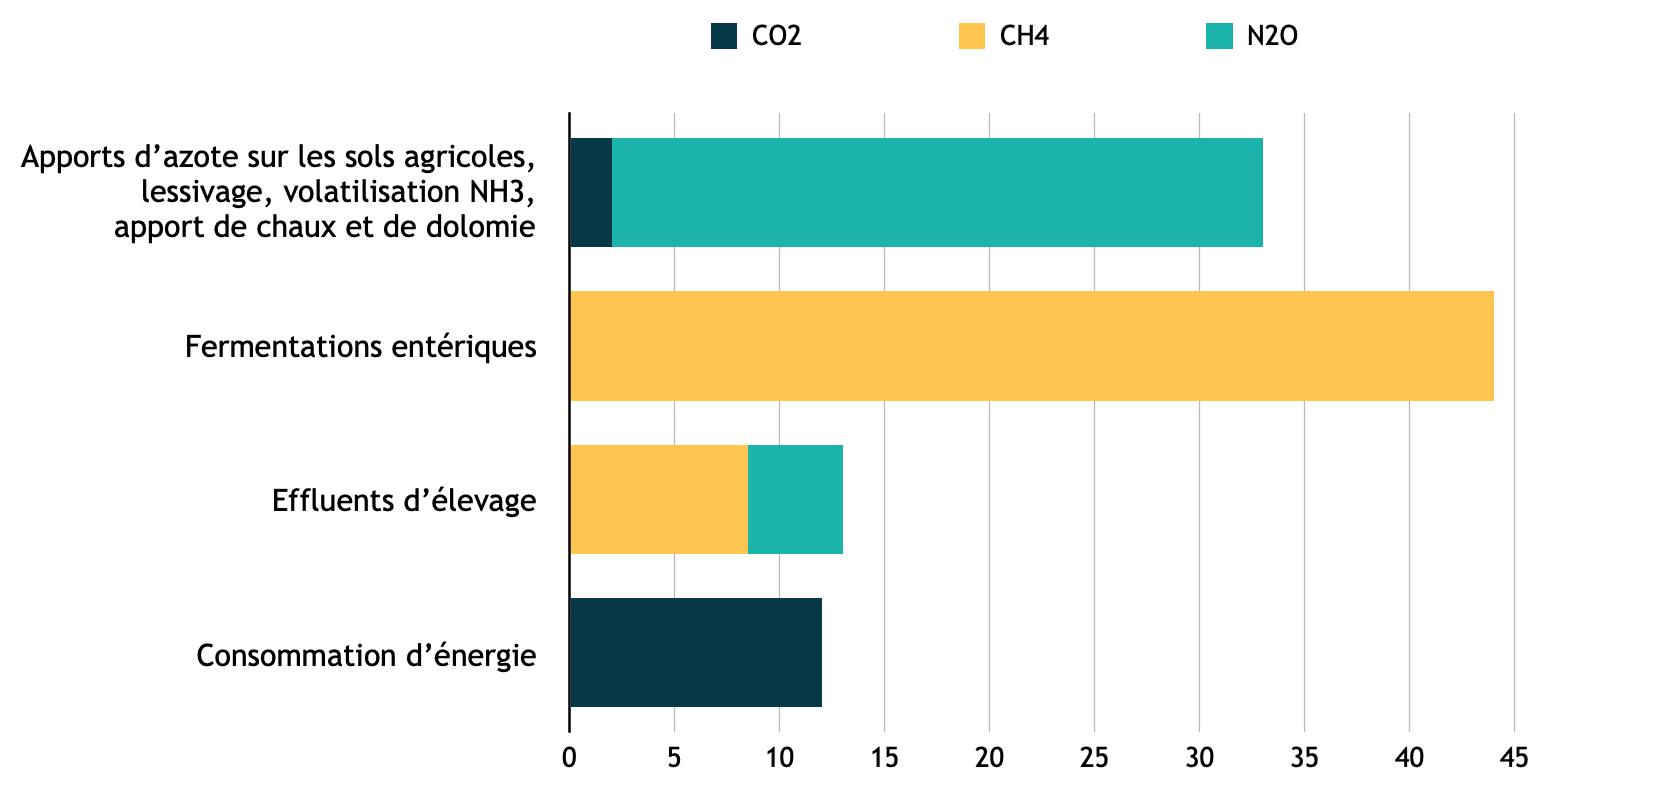 Emissions directes du secteur agricole français